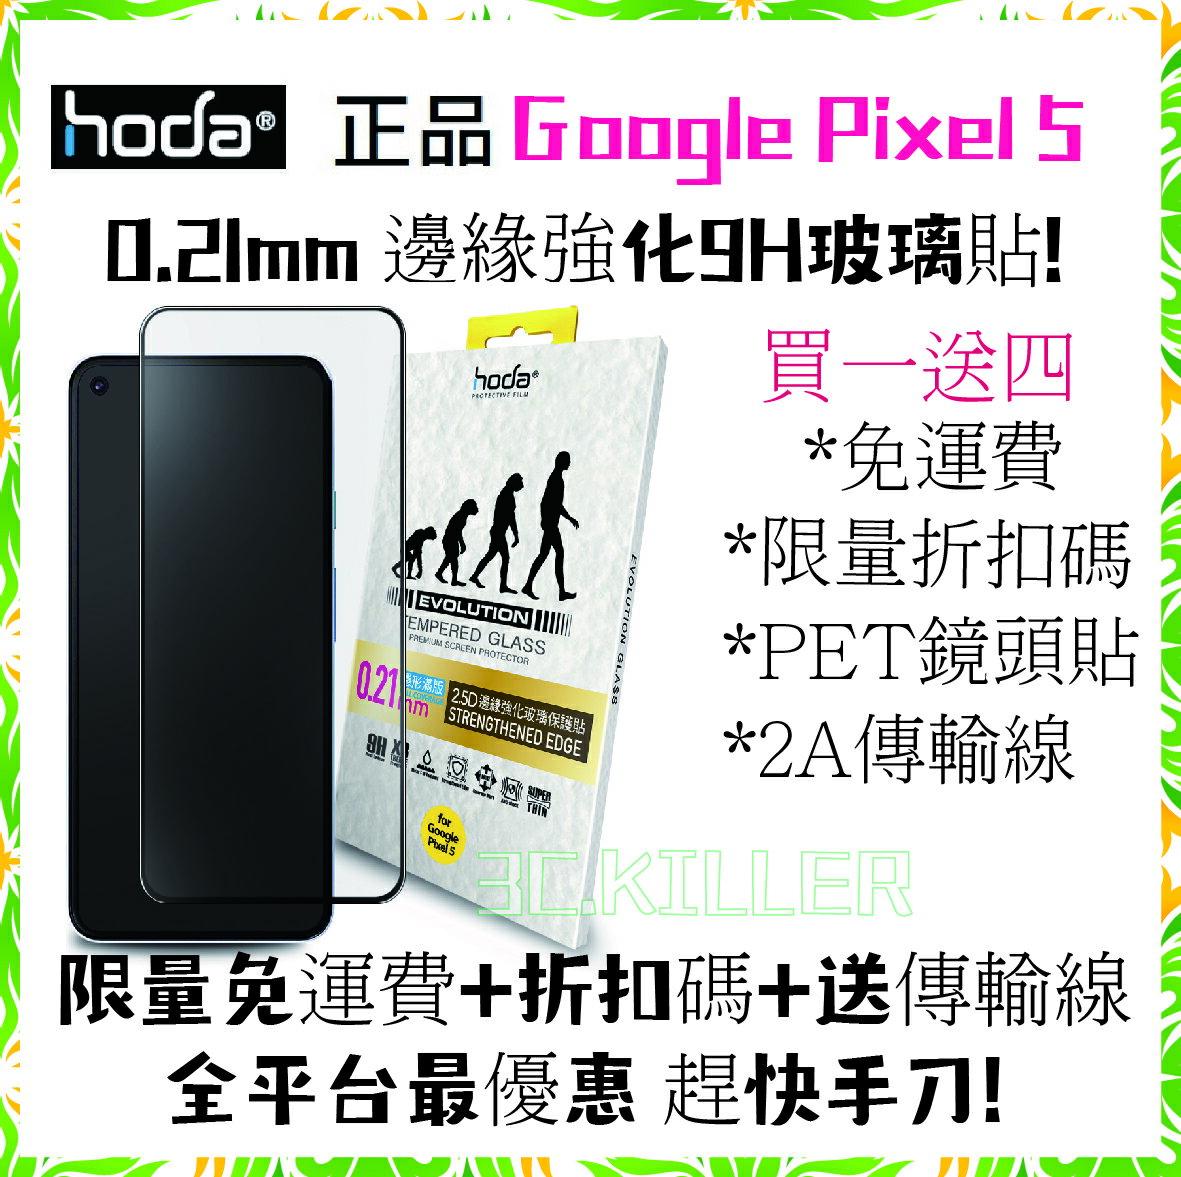 買一送四 hoda Google Pixel 5 2.5D邊緣強化滿版9H鋼化玻璃保護貼 0.21mm  免運